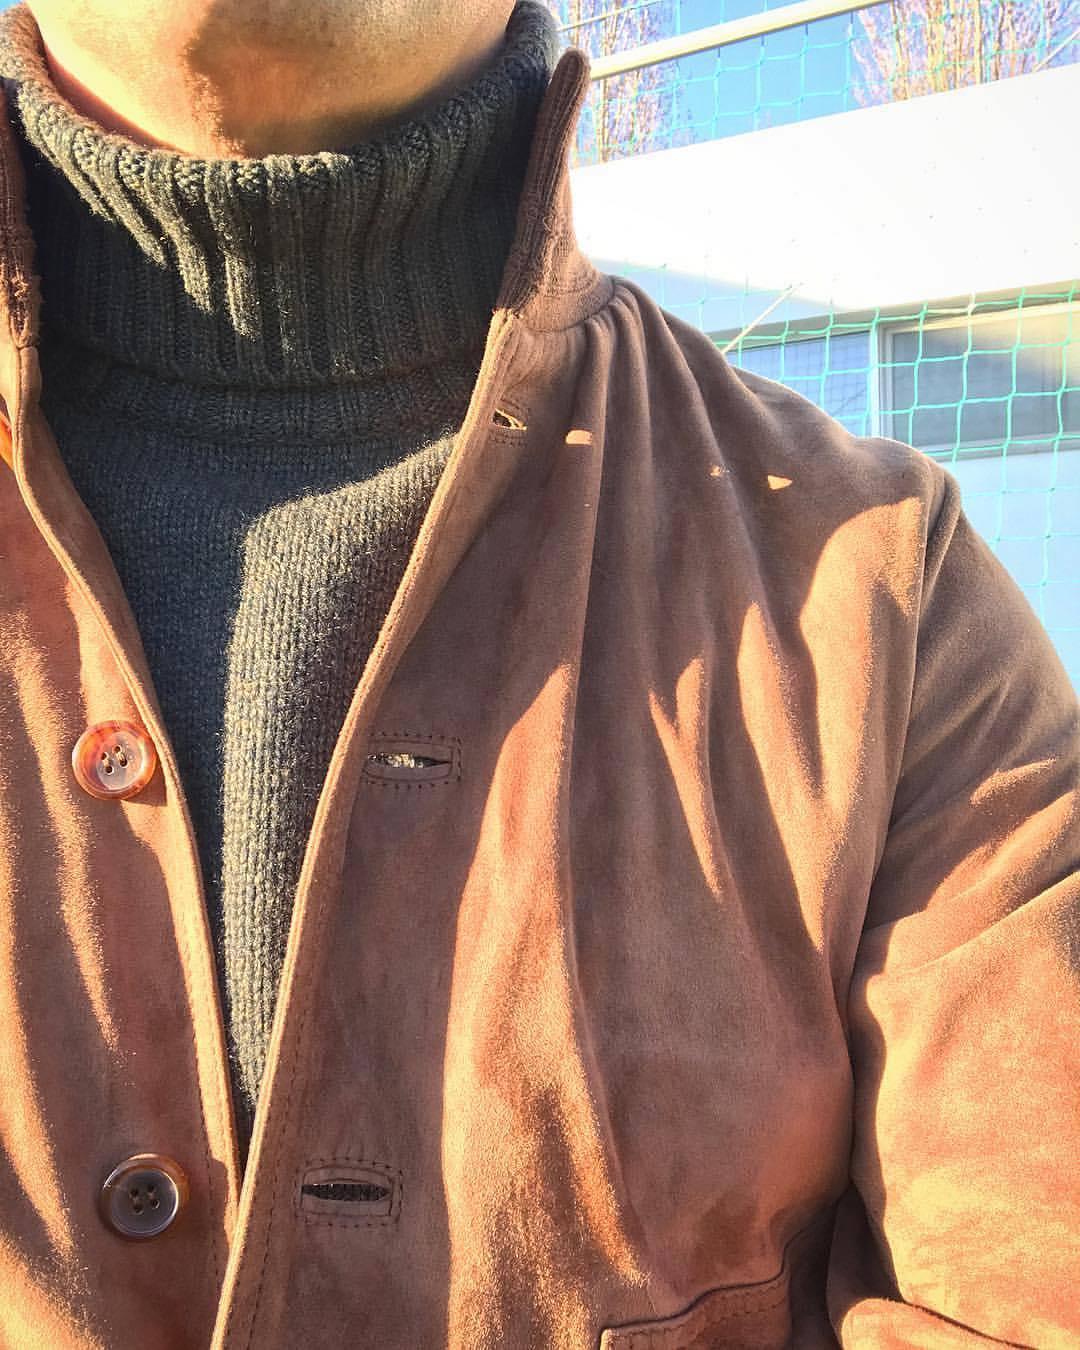 Même s'il fonctionne avec absolument toutes les tenues, je trouve qu'il se marie particulièrement bien avec les vestes courtes type bomber. Source : cezinho78.tumblr.com